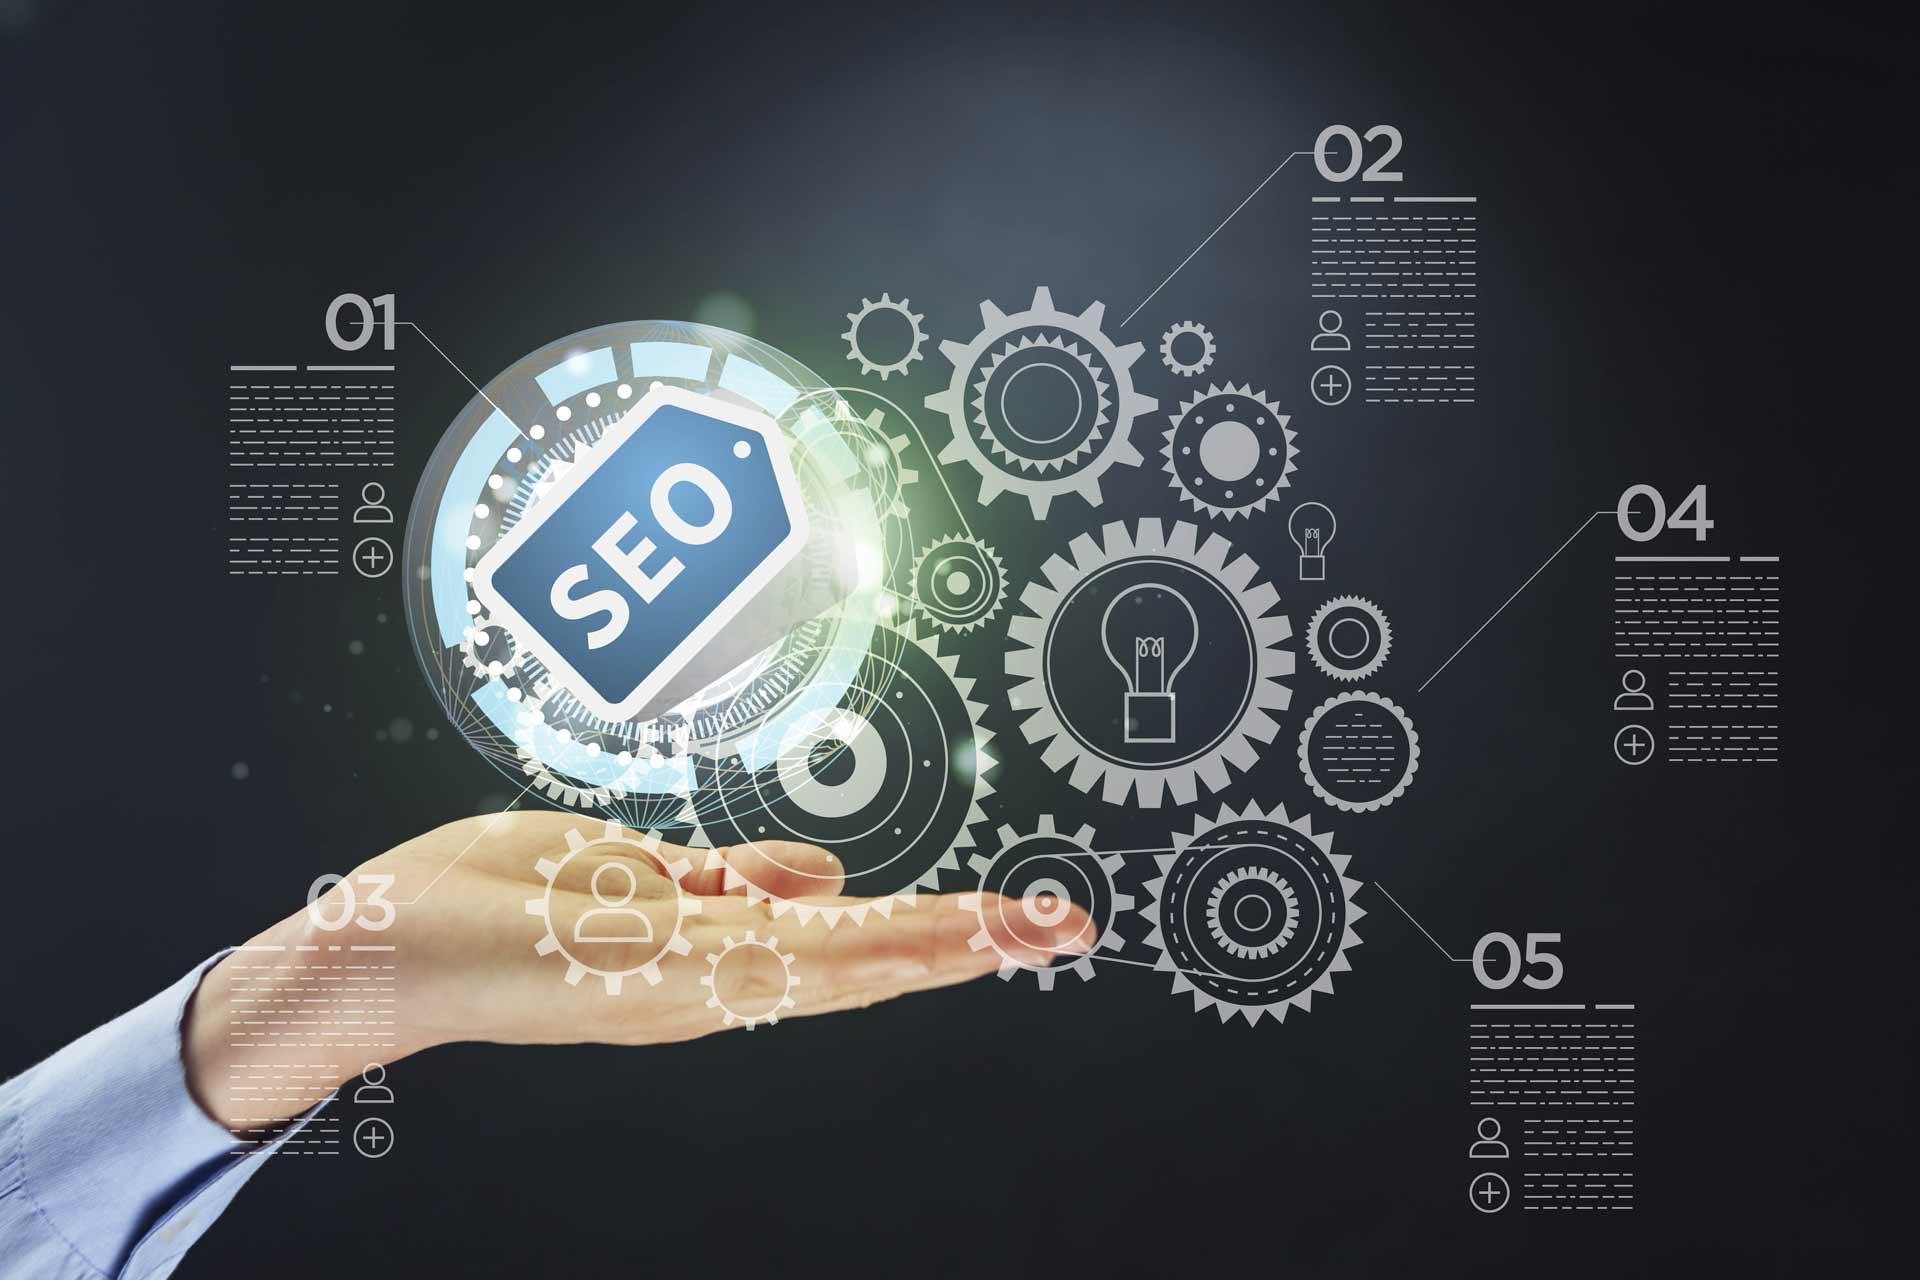 seowebb - Optimierung Ihrer Website durch professionelles SEO - Suchmaschinenoptimierung